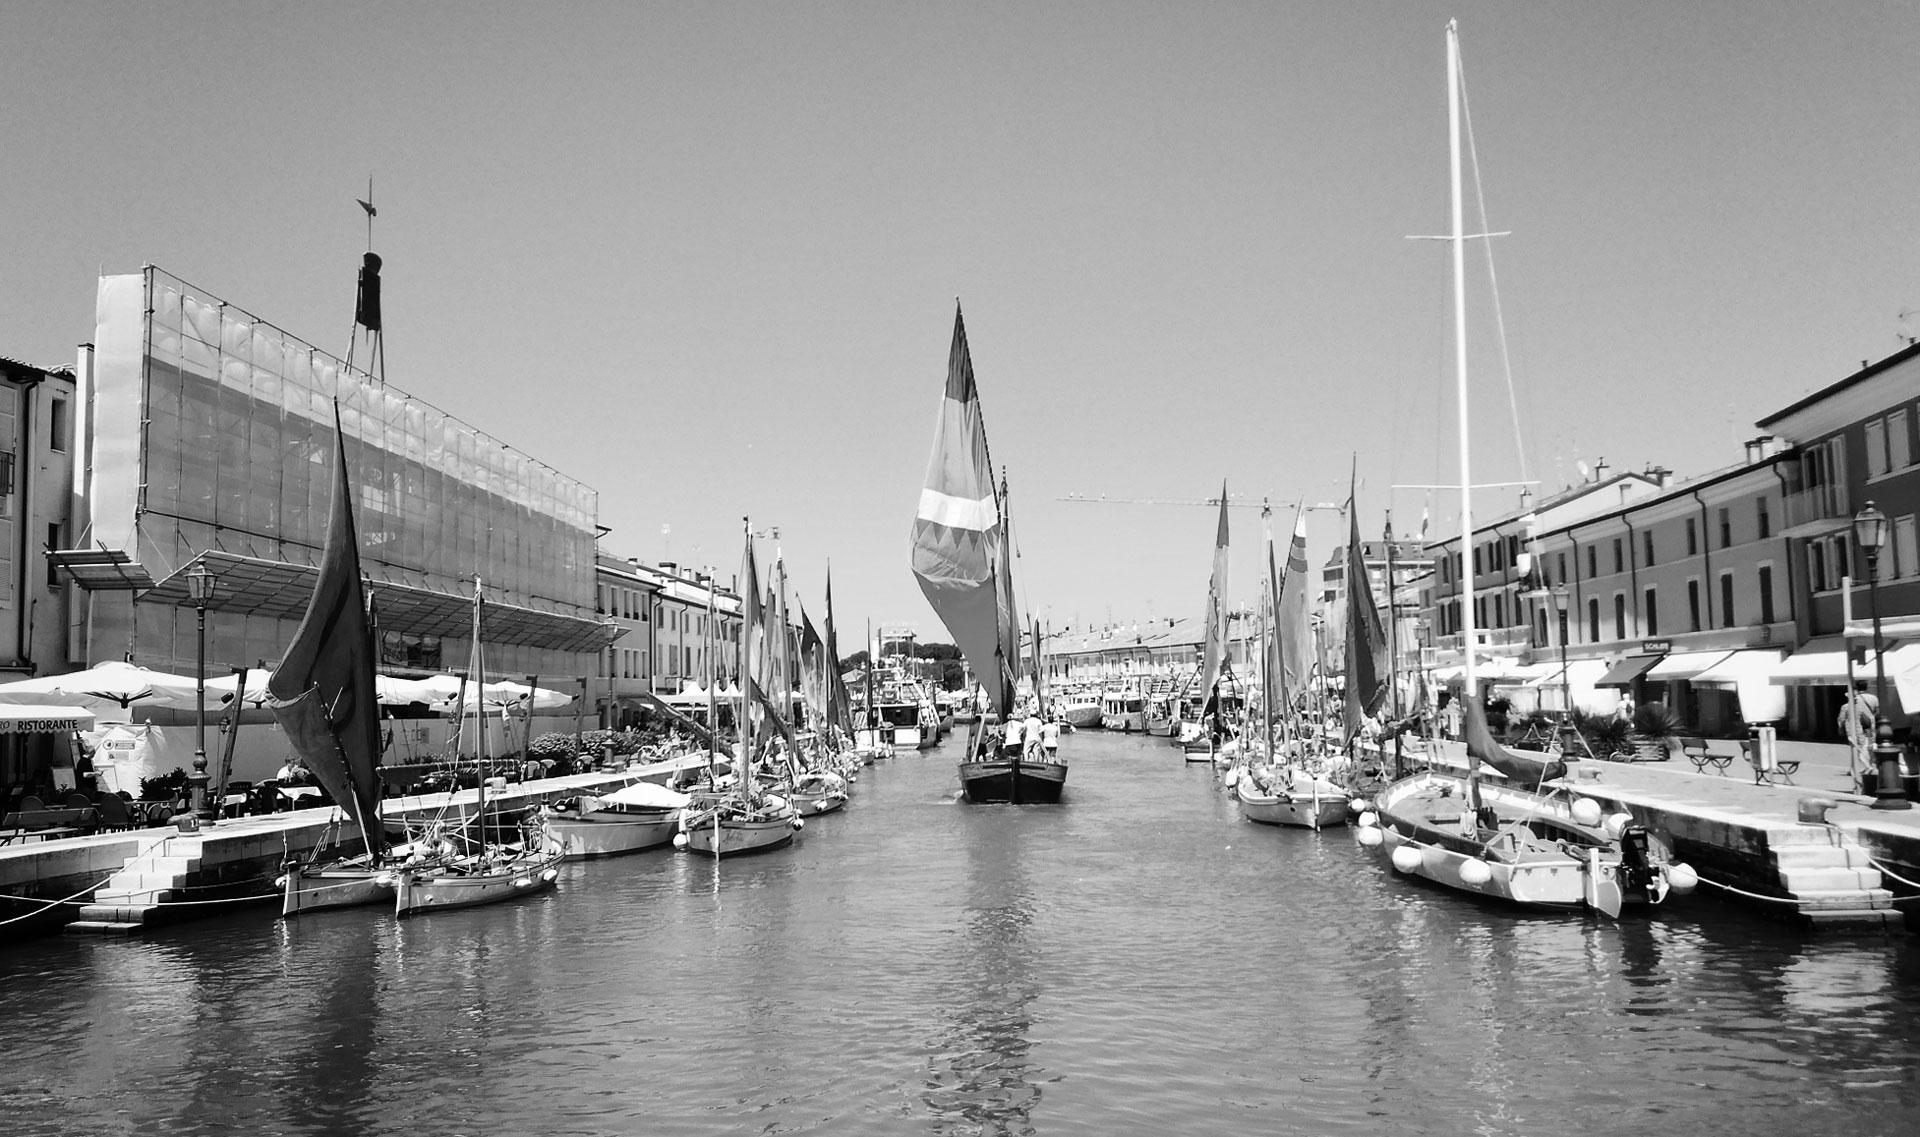 Le vele al terzo prendono il mare